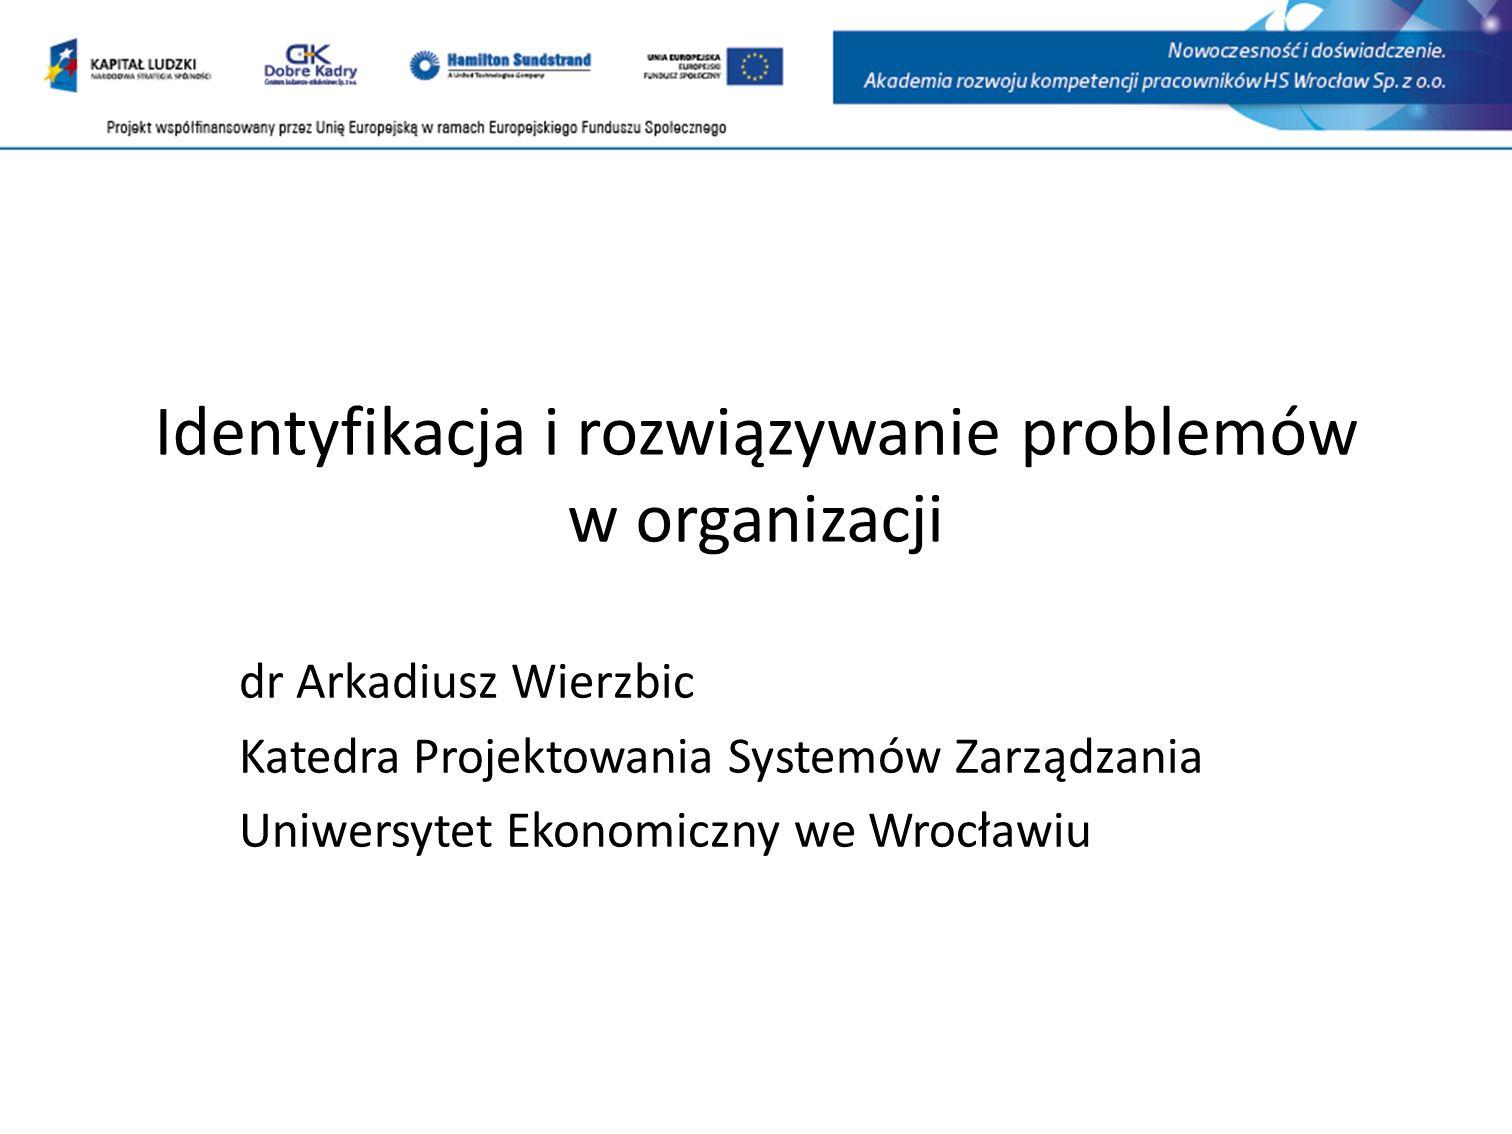 Problemy w organizacji – typy podejść do procesu rozwiązywania problemów Fazy rozwiązywania problemów: Identyfikacja i wybór problemu do rozwiązywania Analiza problemu Poszukiwanie możliwych rozwiązań Wybór najlepszego rozwiązania Wdrożenie wybranego rozwiązania Ocena wdrożonego rozwiązania